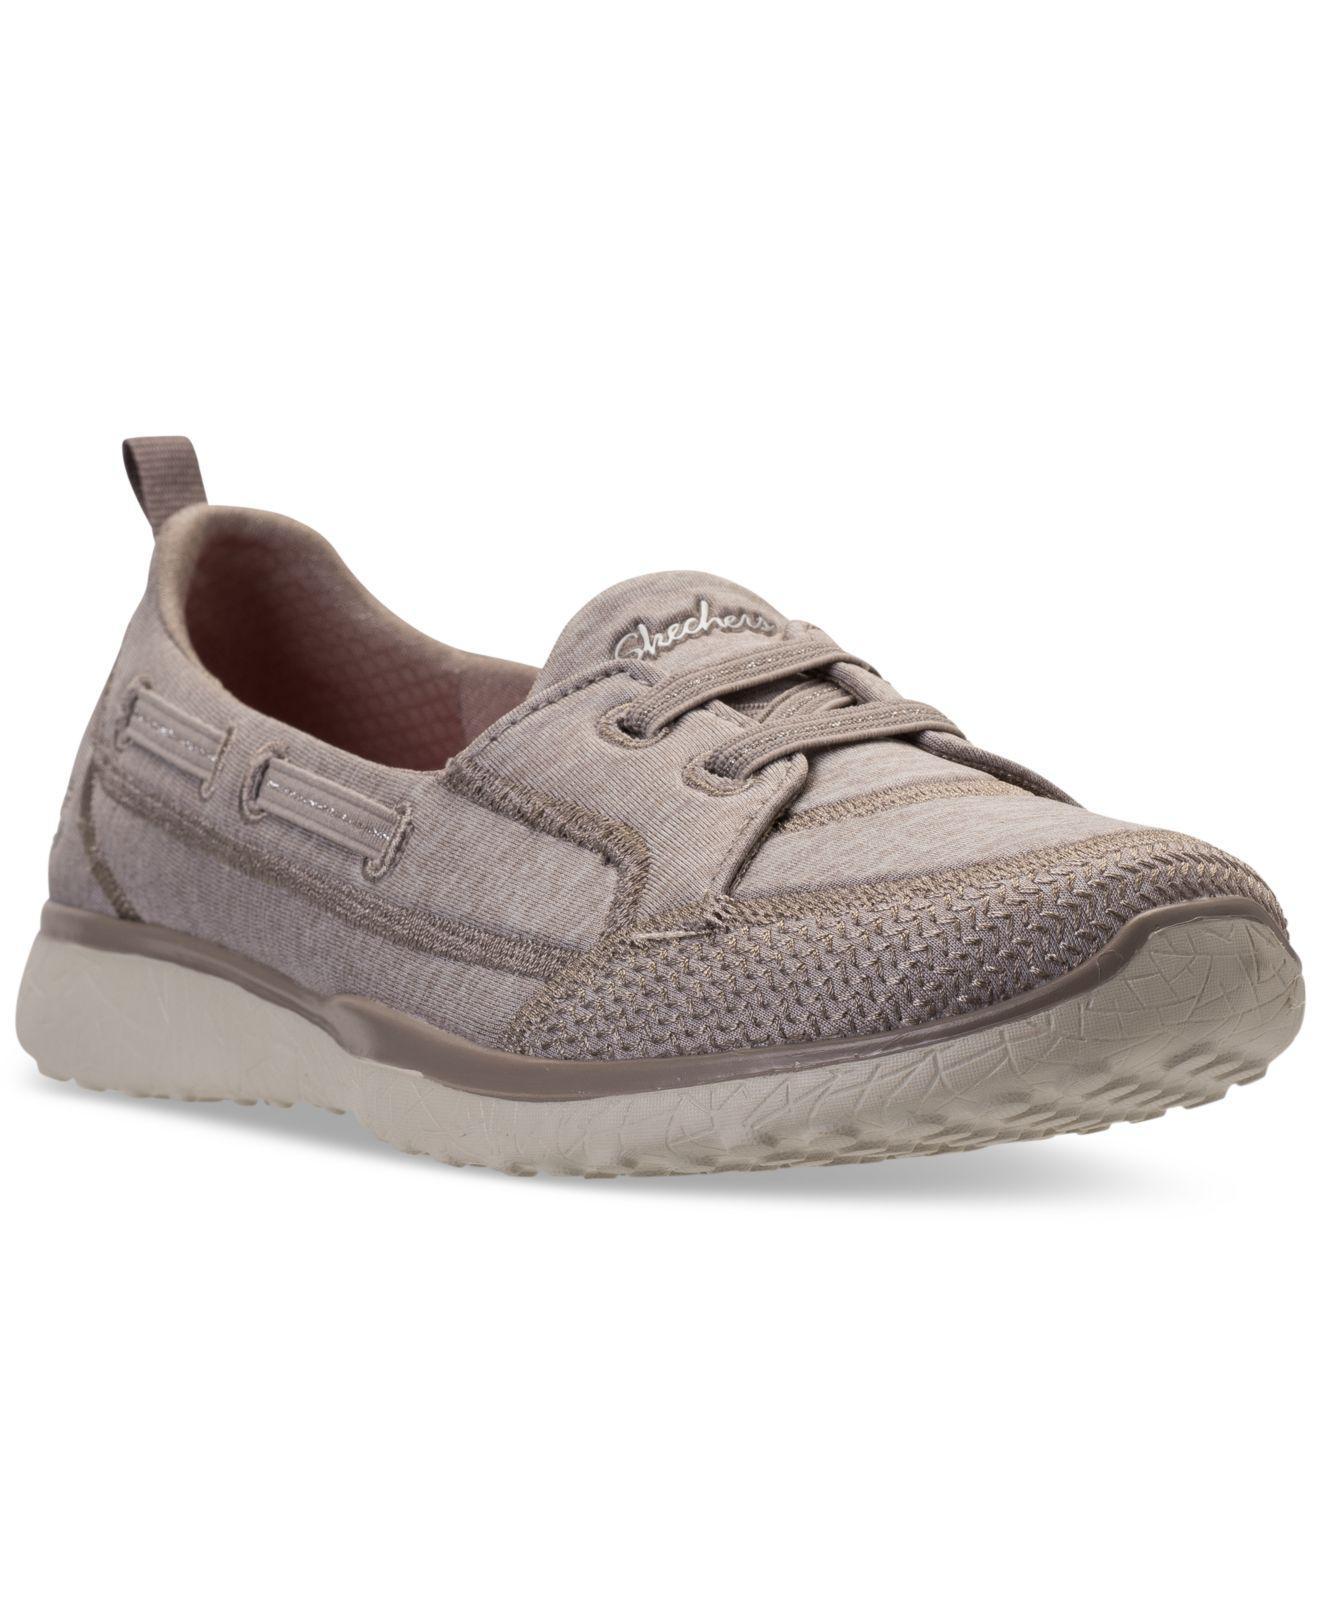 Skechers Women's Microburst - Dearest Casual Walking Sneakers from Finish Line PuAjwsHF